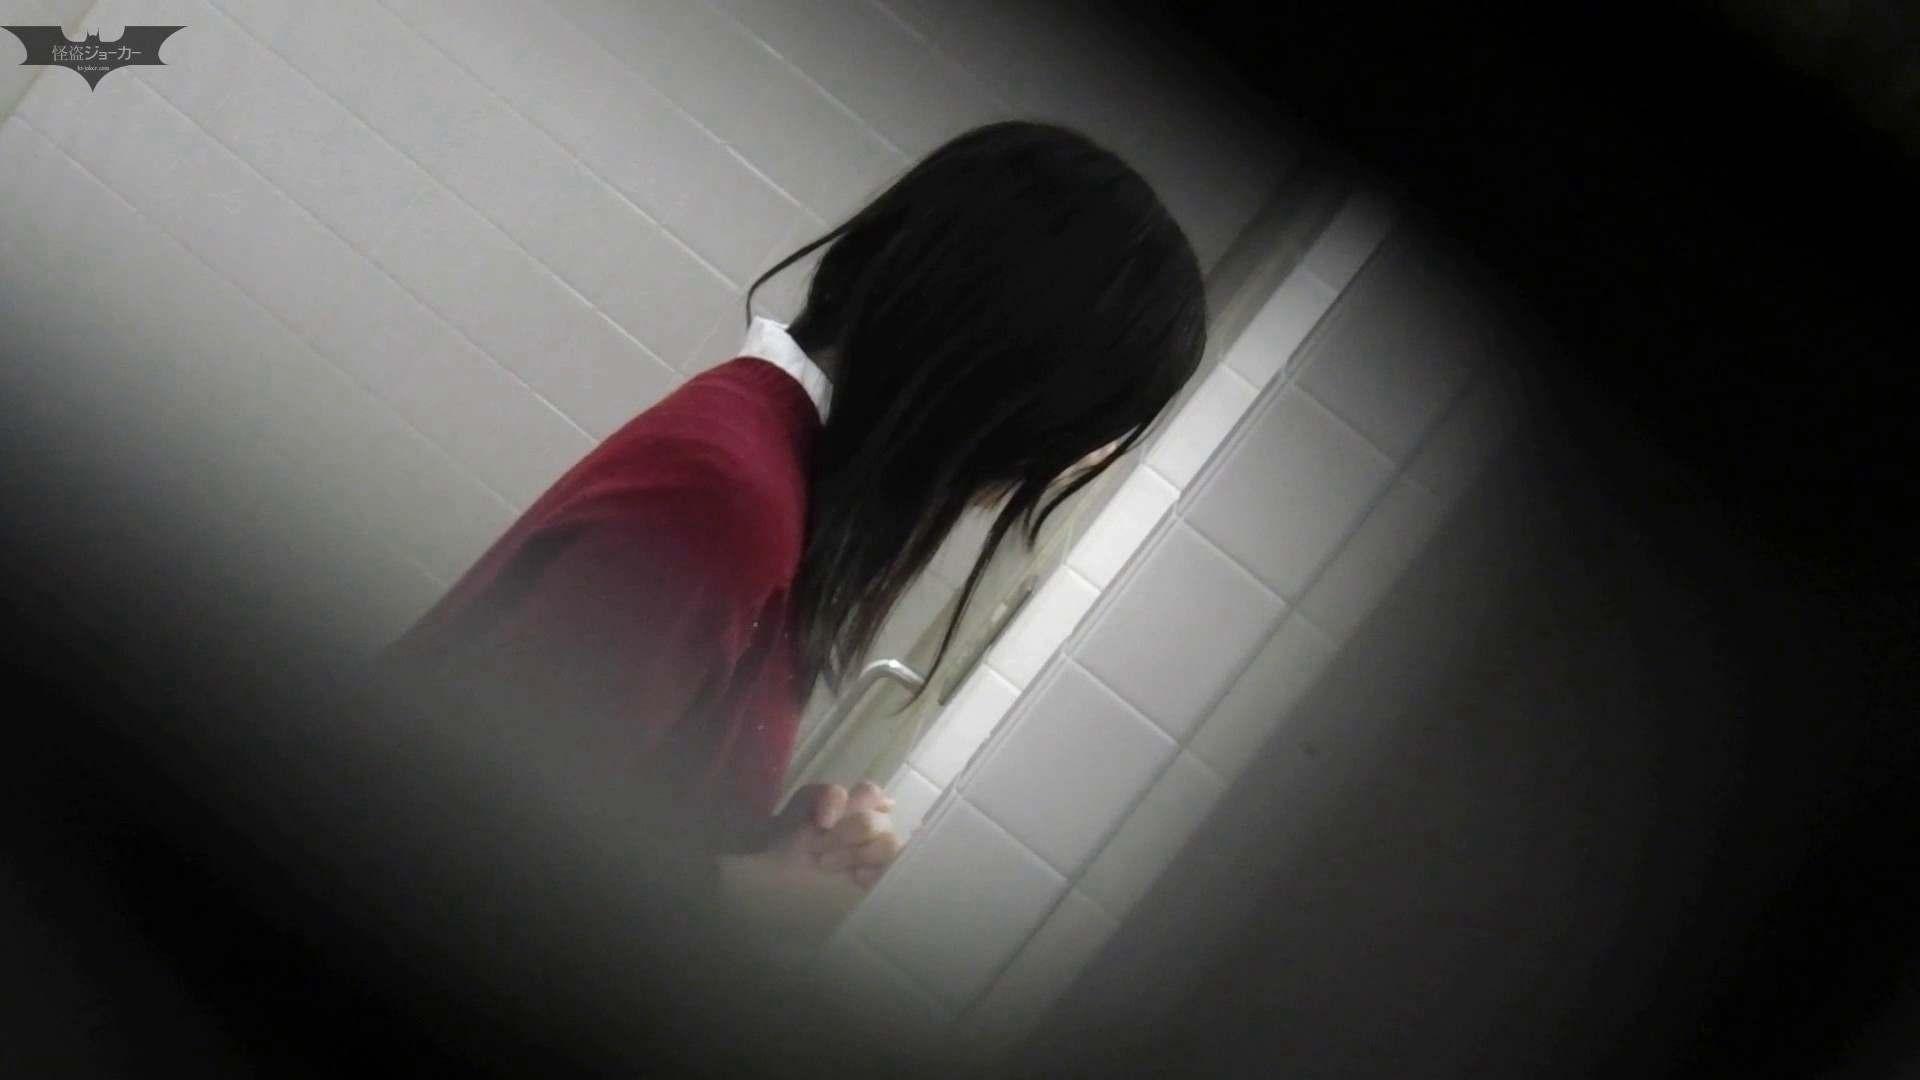 お銀さん vol.59 ピンチ!!「鏡の前で祈る女性」にばれる危機 お姉さん  98PIX 9